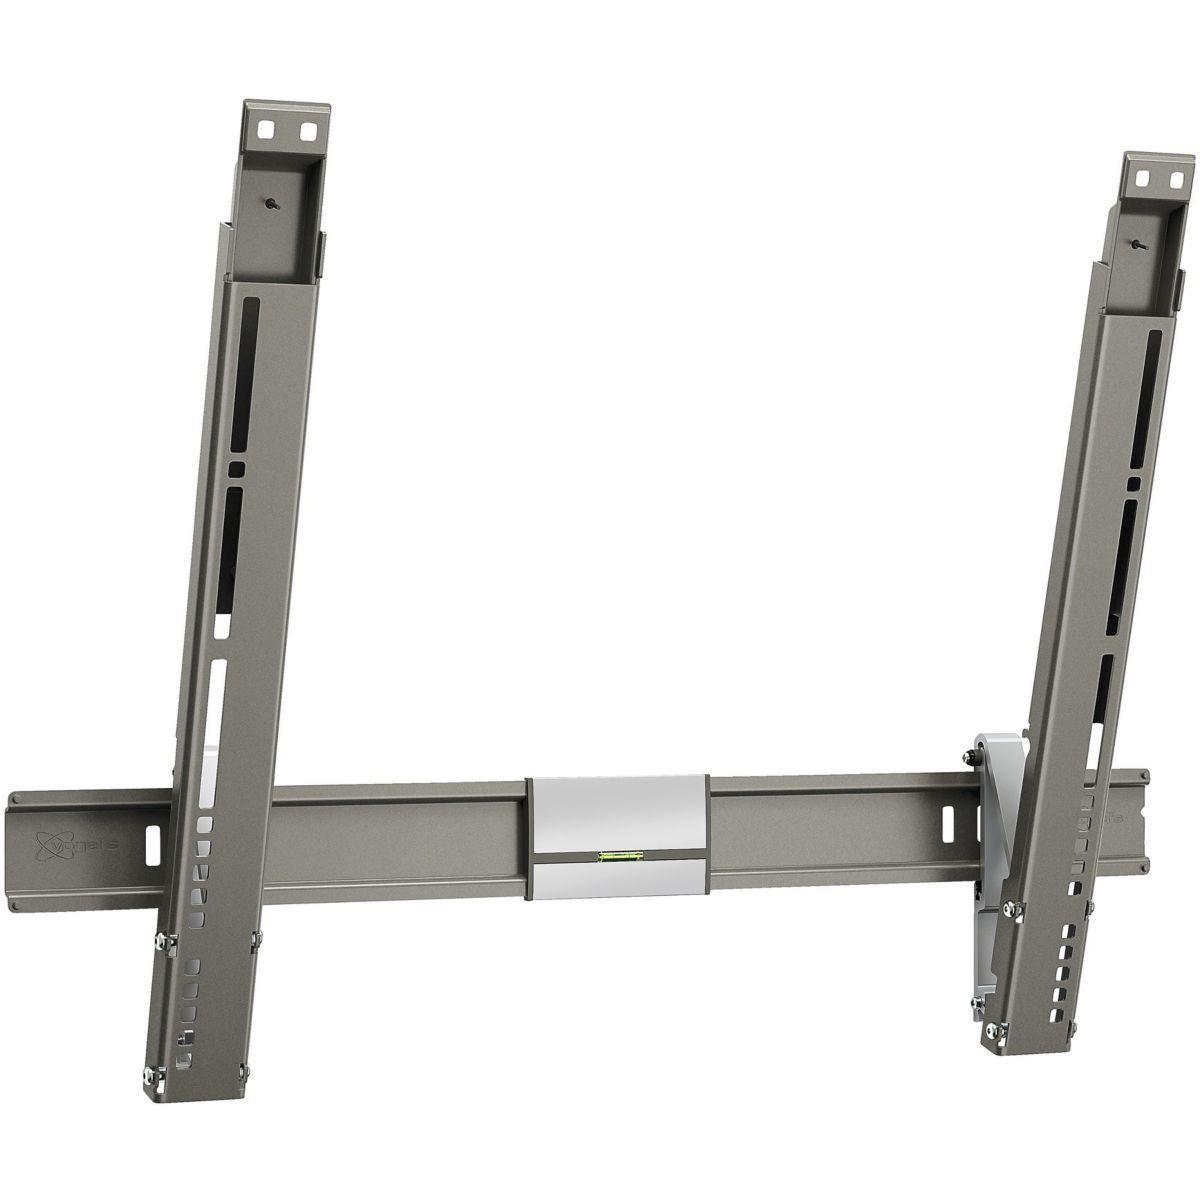 Support tv vogel's thin 315 ecran led (pour les téléviseurs de 82 à 130 cm) - 10% de remise immédiate avec le code : multi10